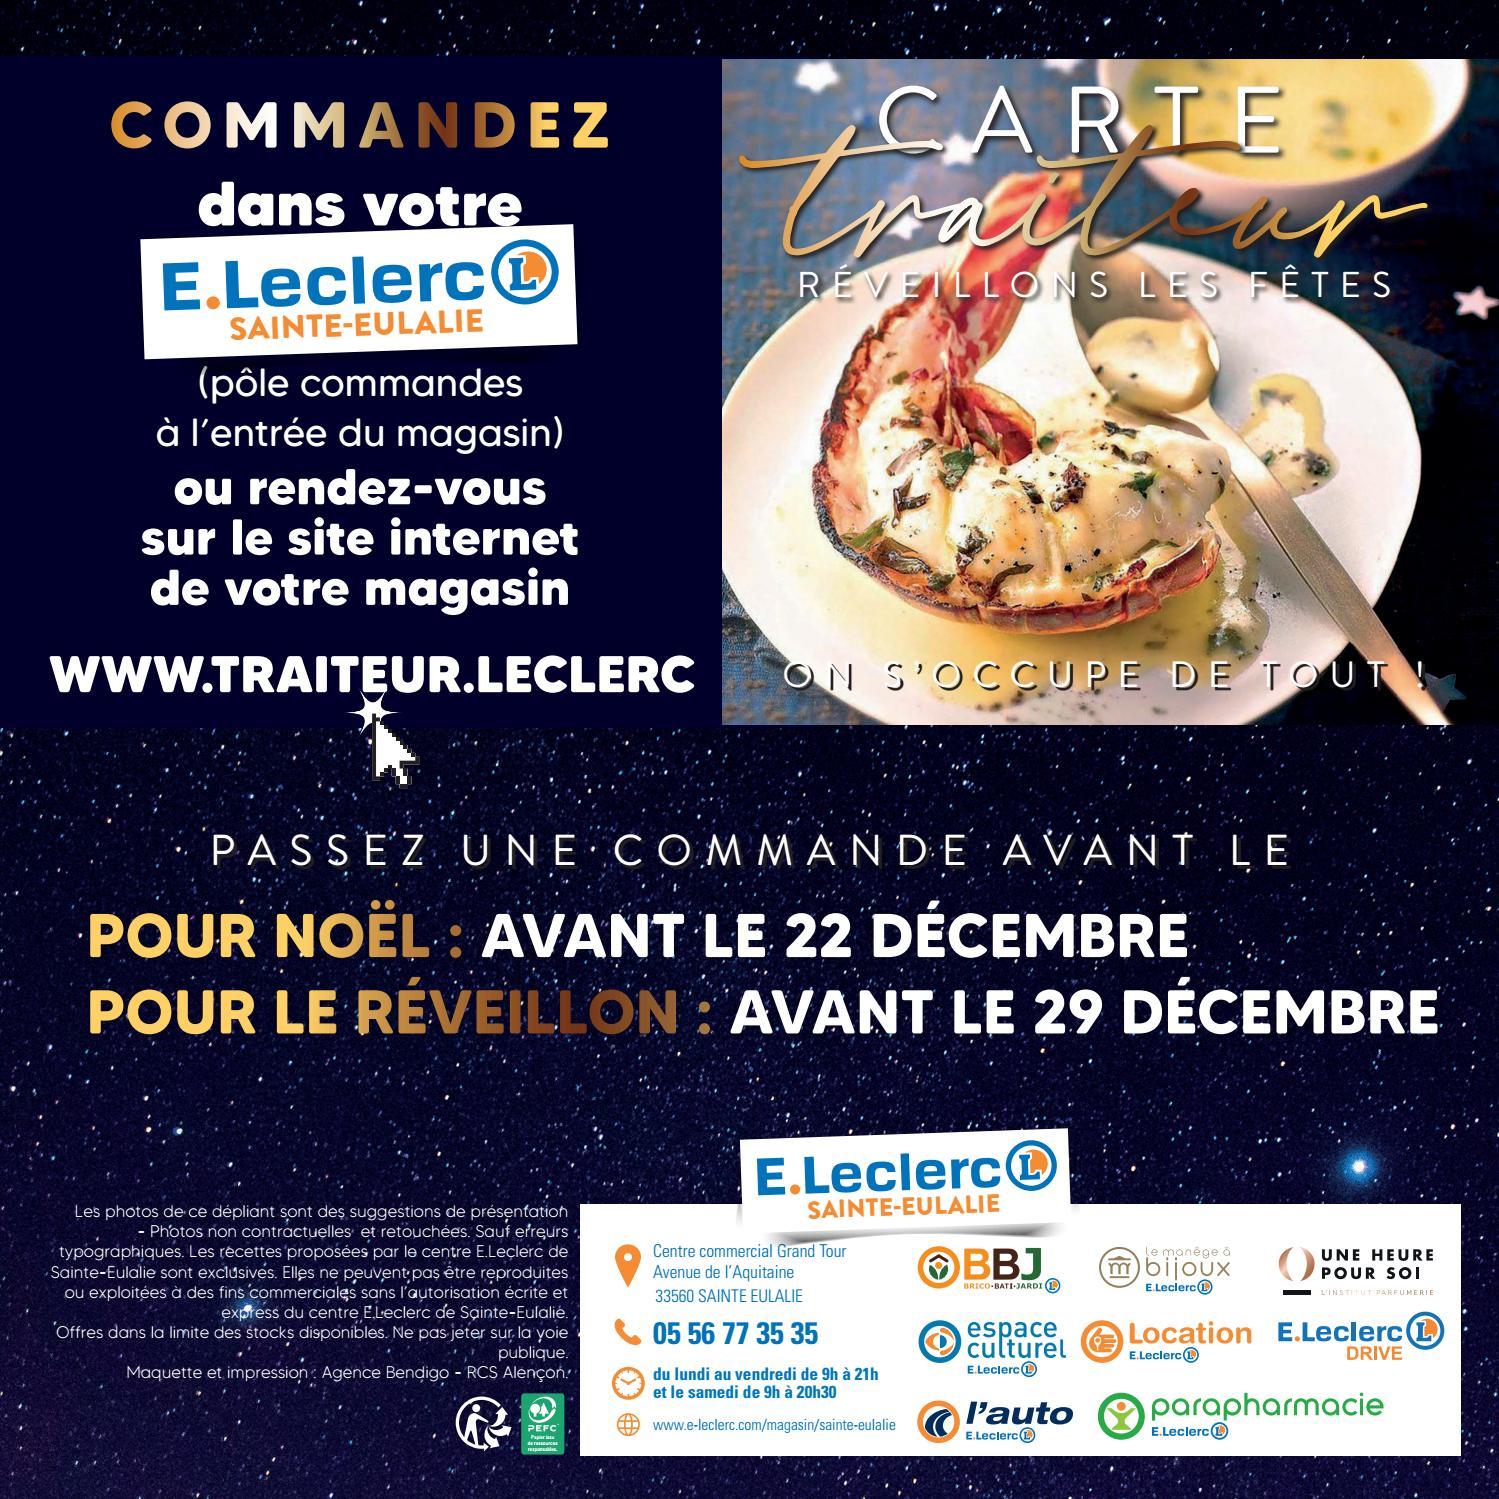 Catalogue Traiteur Du Centre E Leclerc De Sainte Eulalie Les Delices D Eulalie De Fin D Annee Vebuka Com